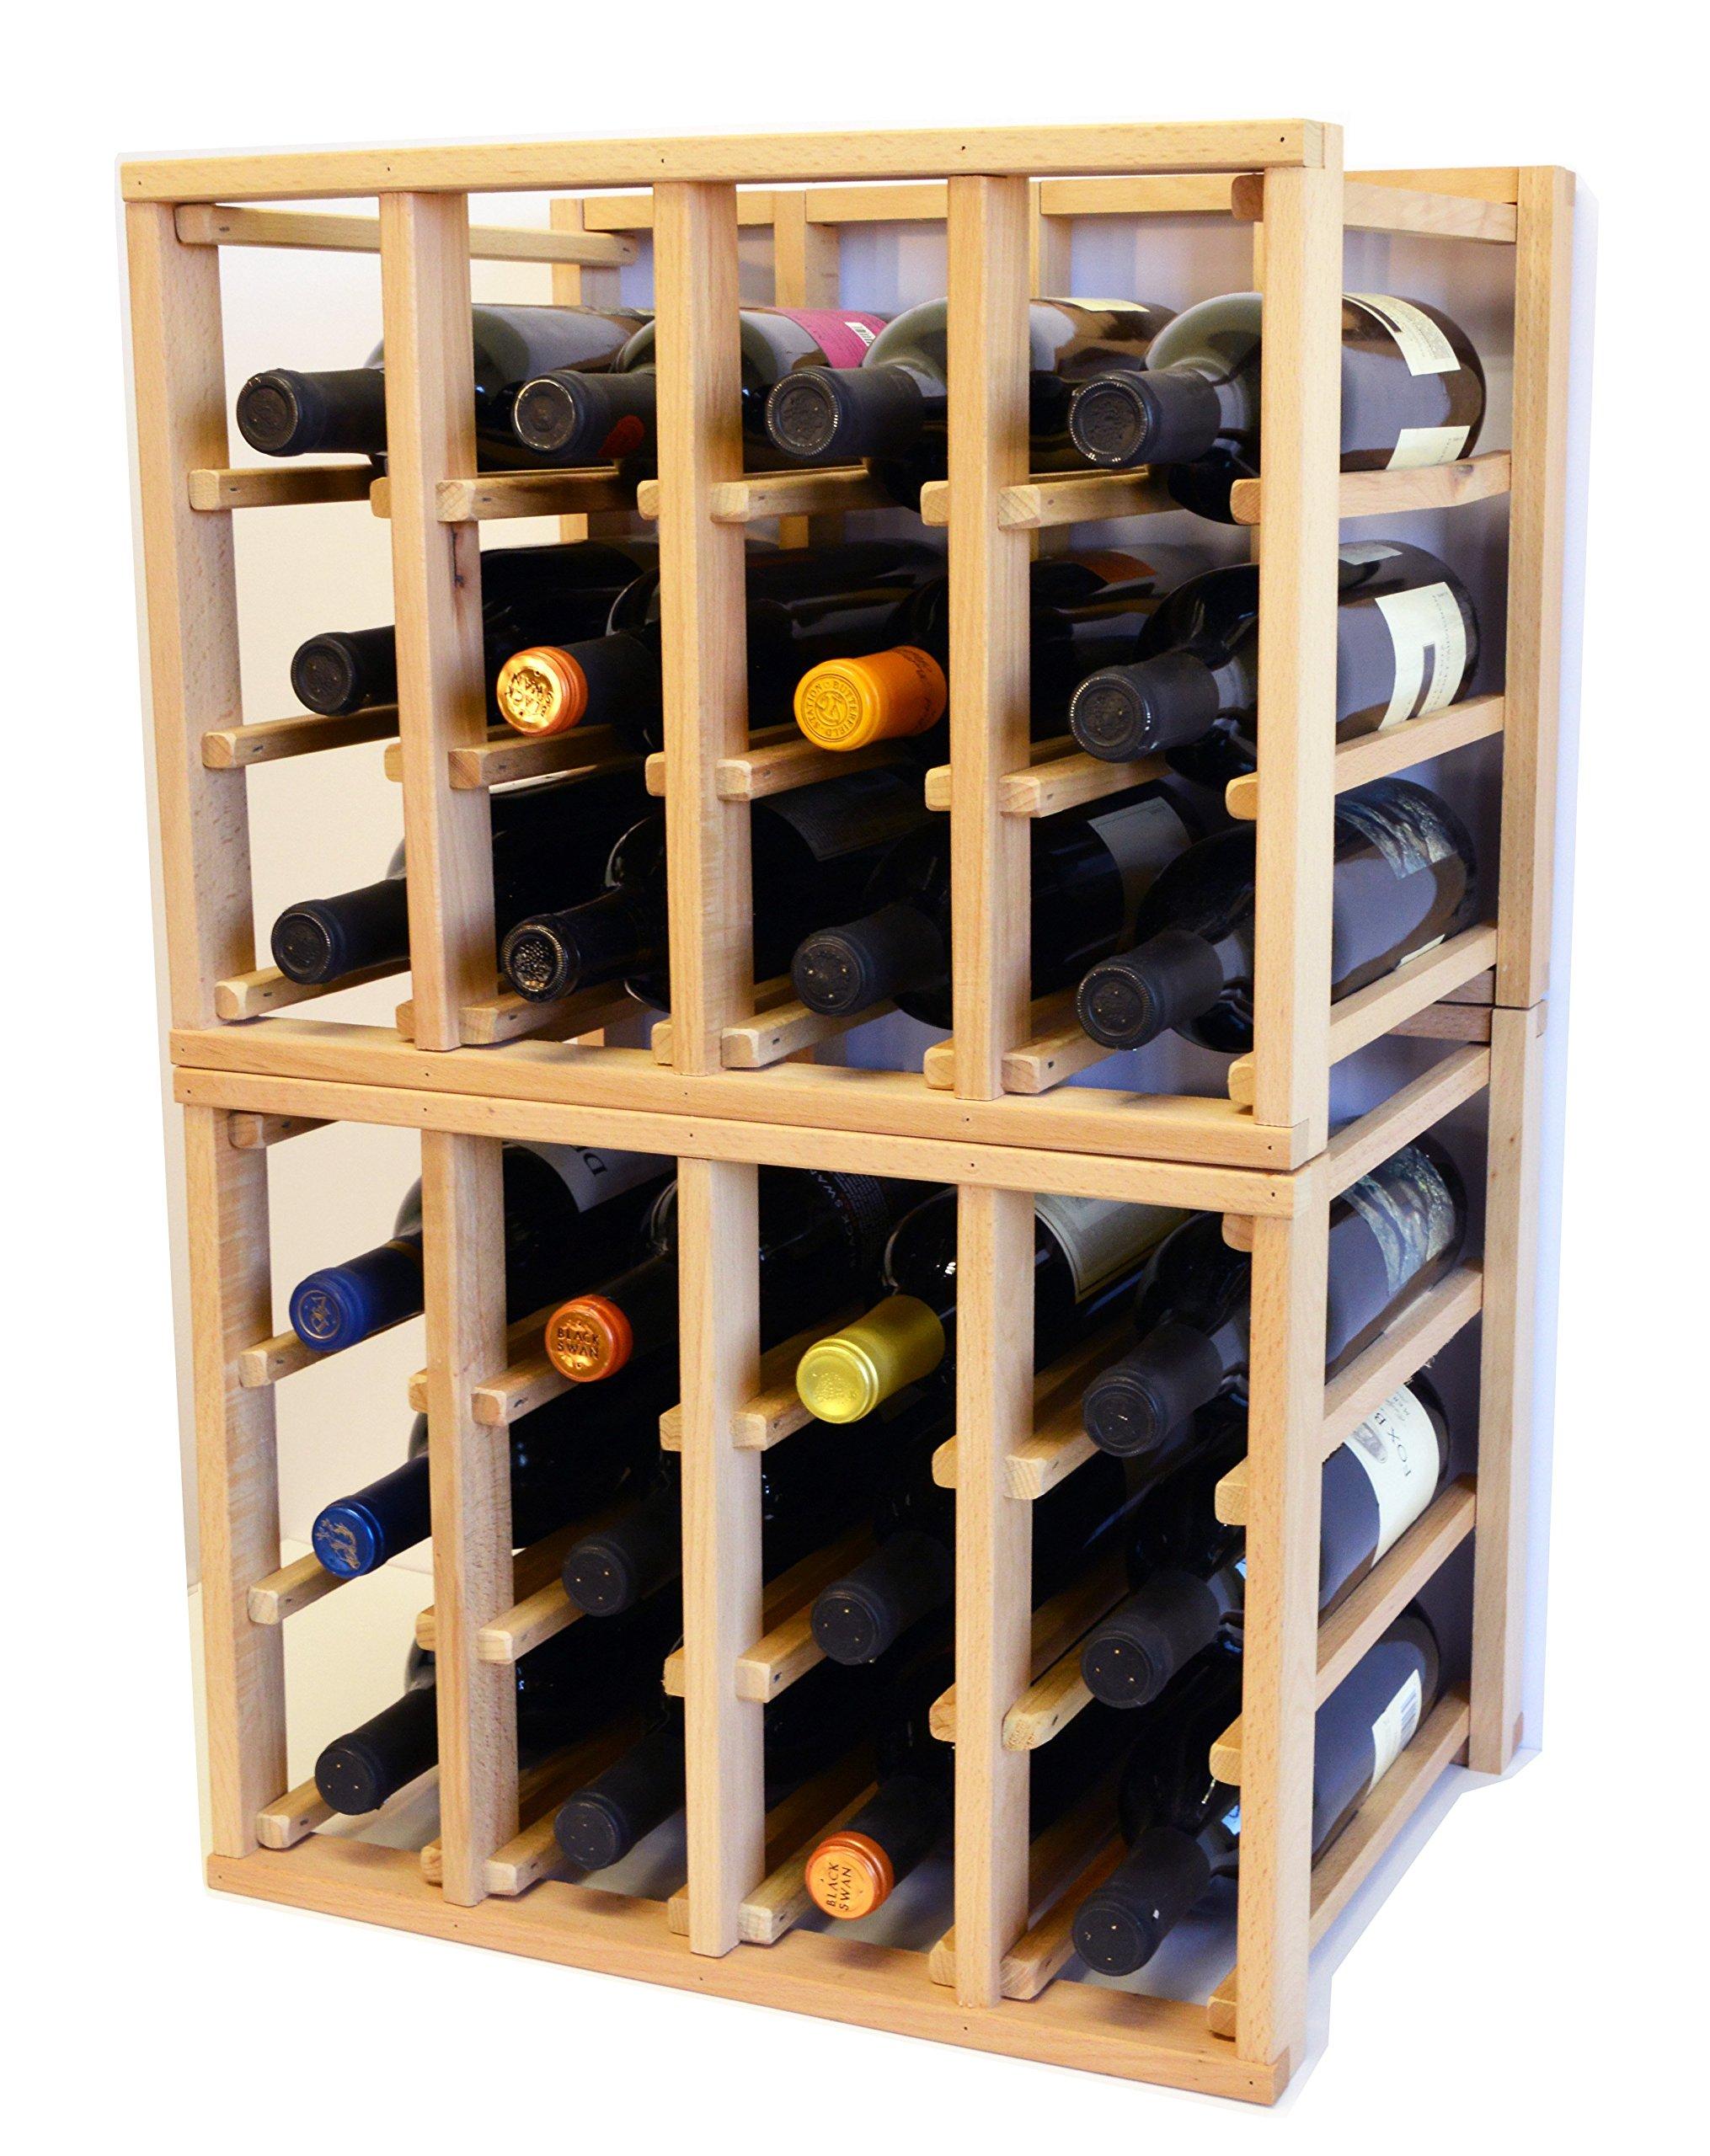 24 Bottle Modular Stackable Wine Rack Stack As Many Sets Together (5 Sets = 120 Bottle Capacity)